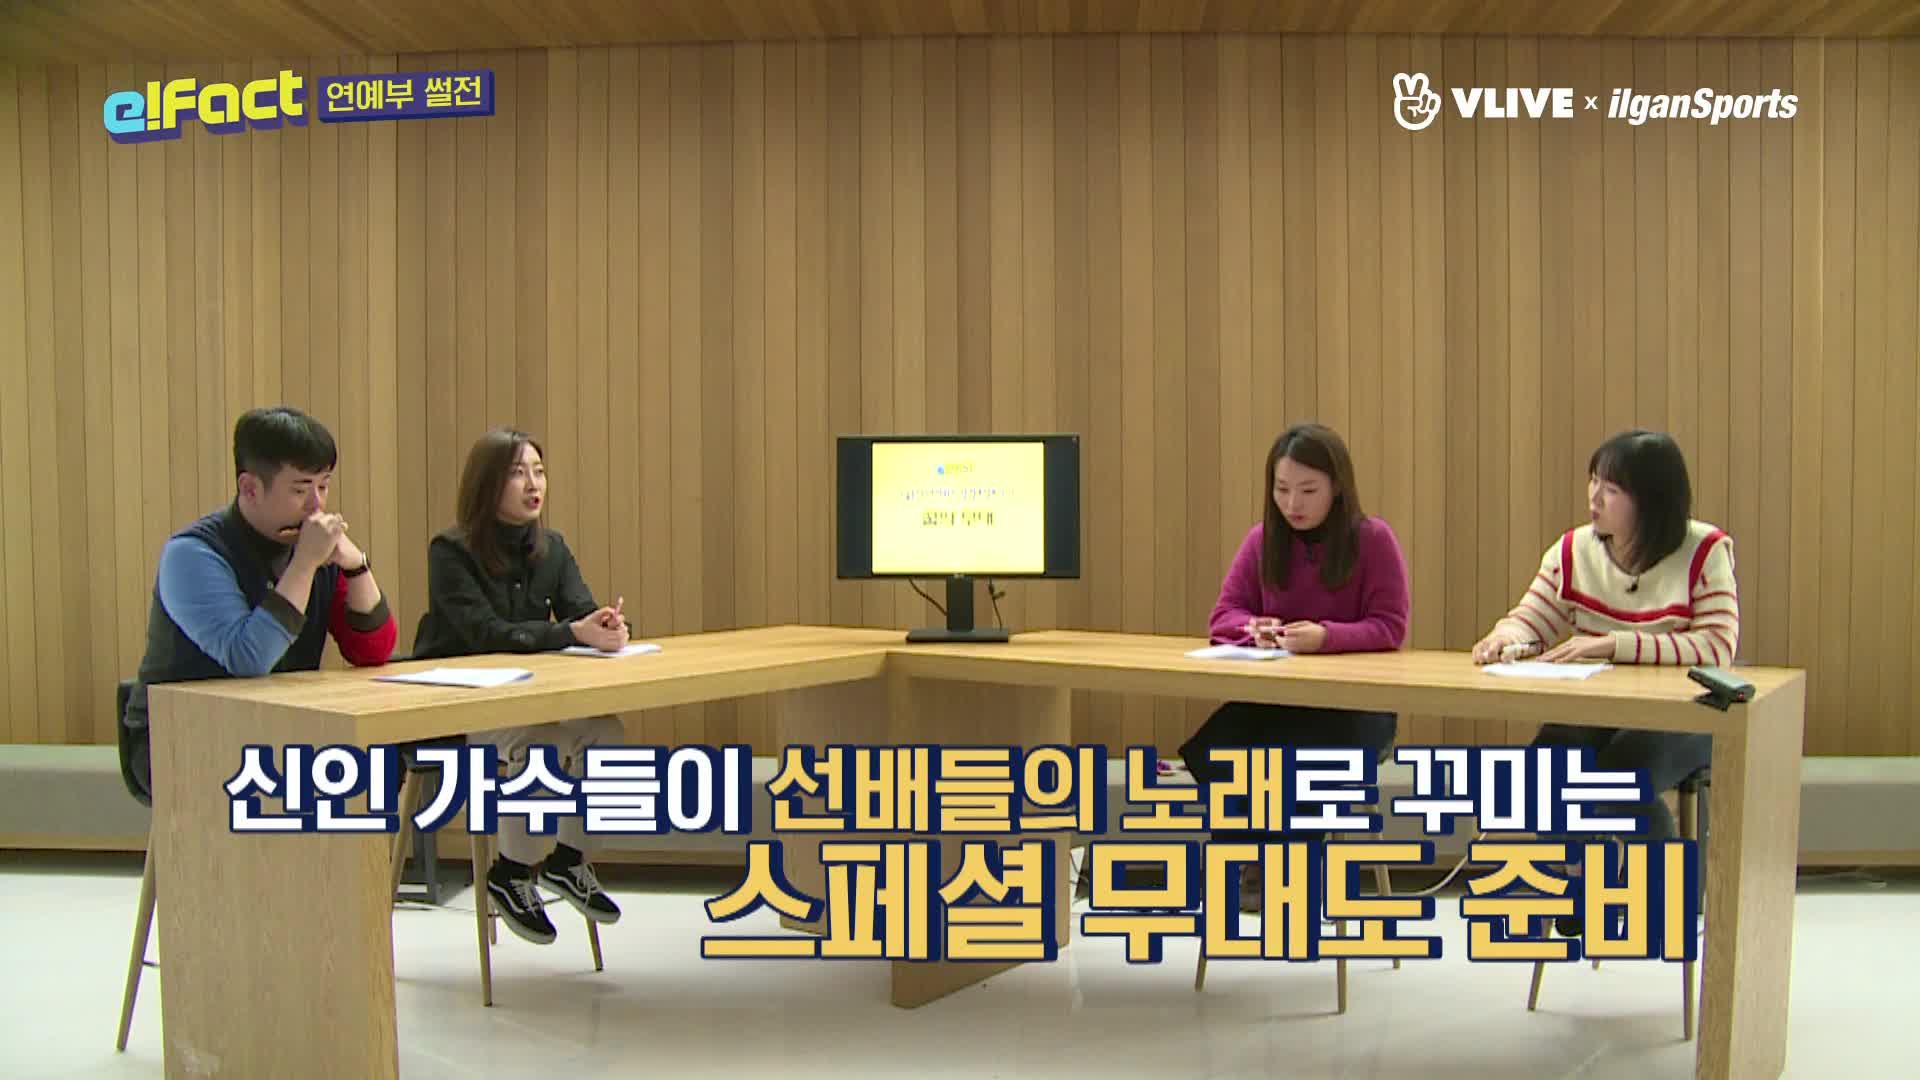 BTS, WANNAONE,트와이스 전격 출연! 33회 골든디스크어워즈 무대 스포일러 최초 공개!